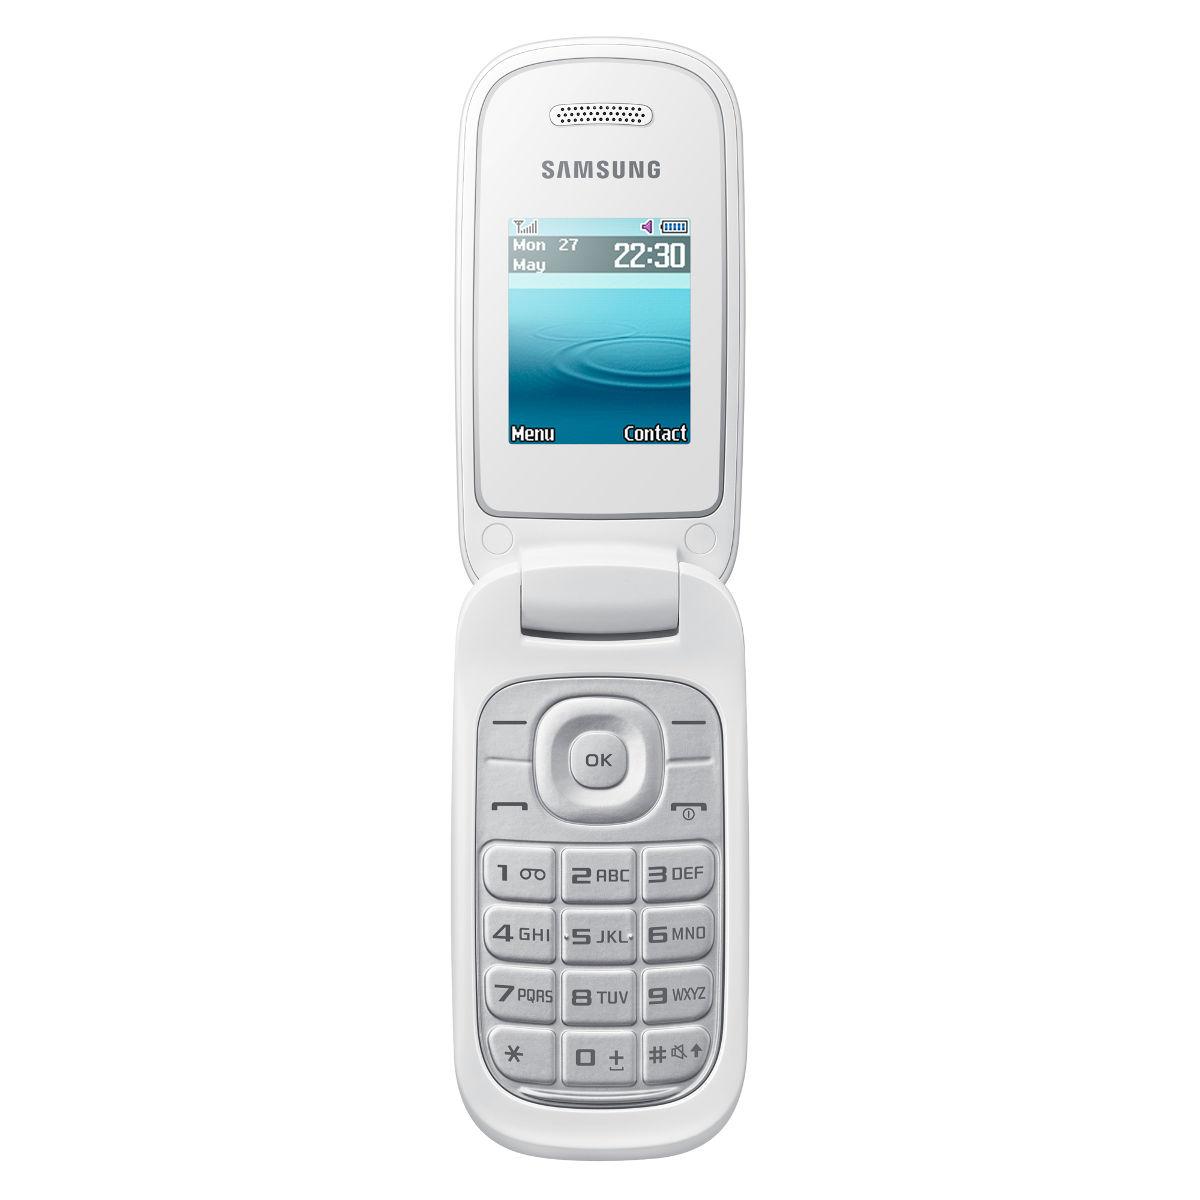 samsung e1270 blanc mobile smartphone samsung sur ldlc. Black Bedroom Furniture Sets. Home Design Ideas